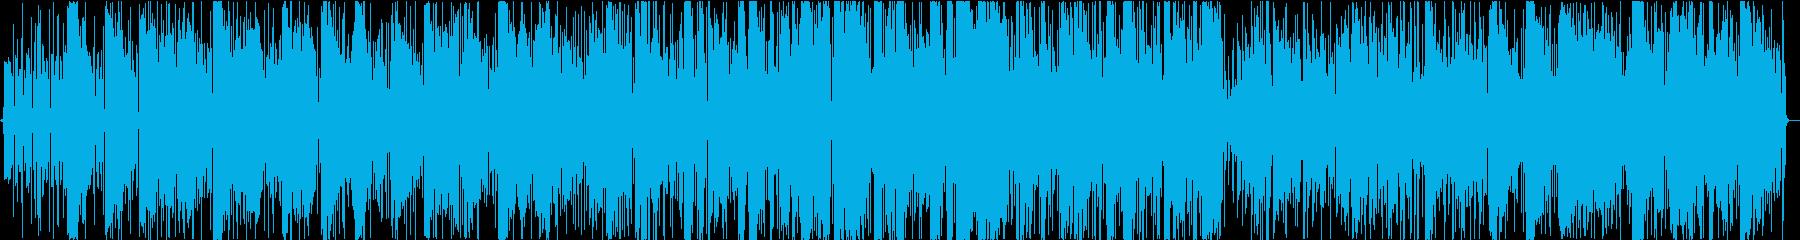 標準ジャズ。レゲエスタイル。の再生済みの波形